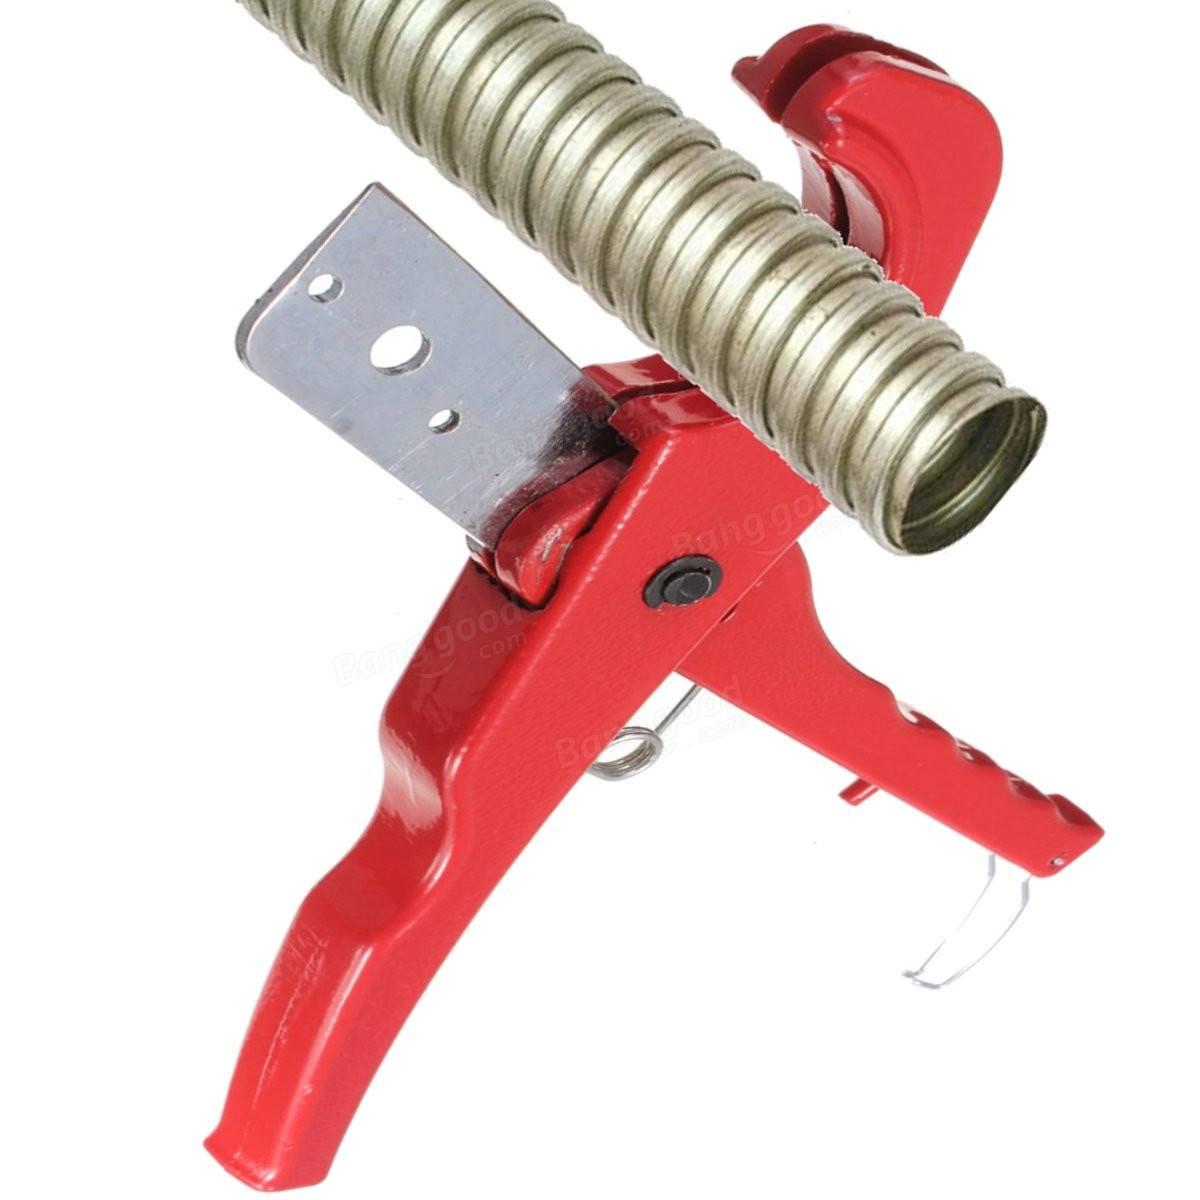 tuyau de cliquet outil de coupe plumbimg pour le nylon tube pvc de l 39 eau de tuyau d 39 air sk5 lame. Black Bedroom Furniture Sets. Home Design Ideas